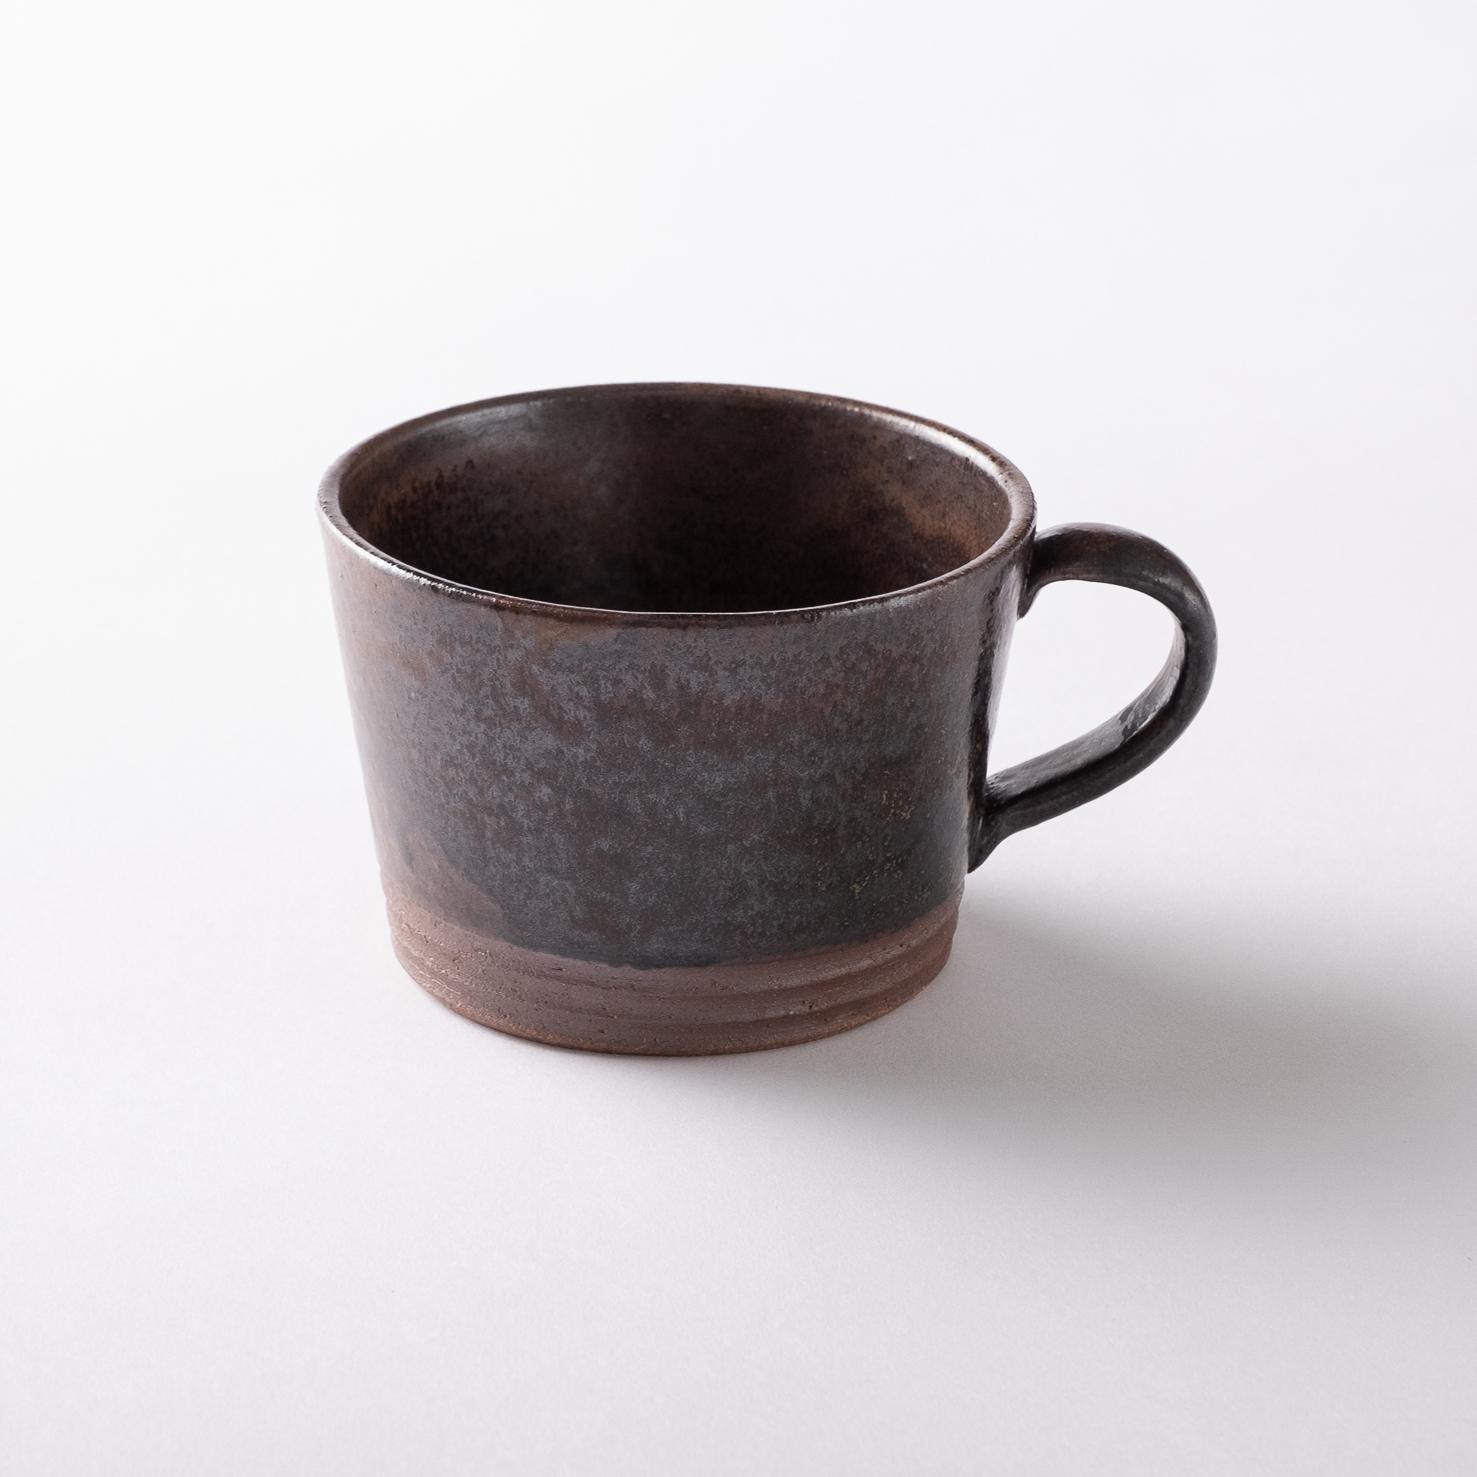 【瀬戸焼】たっぷりスープカップ「ショコラブラウン スープマグ」